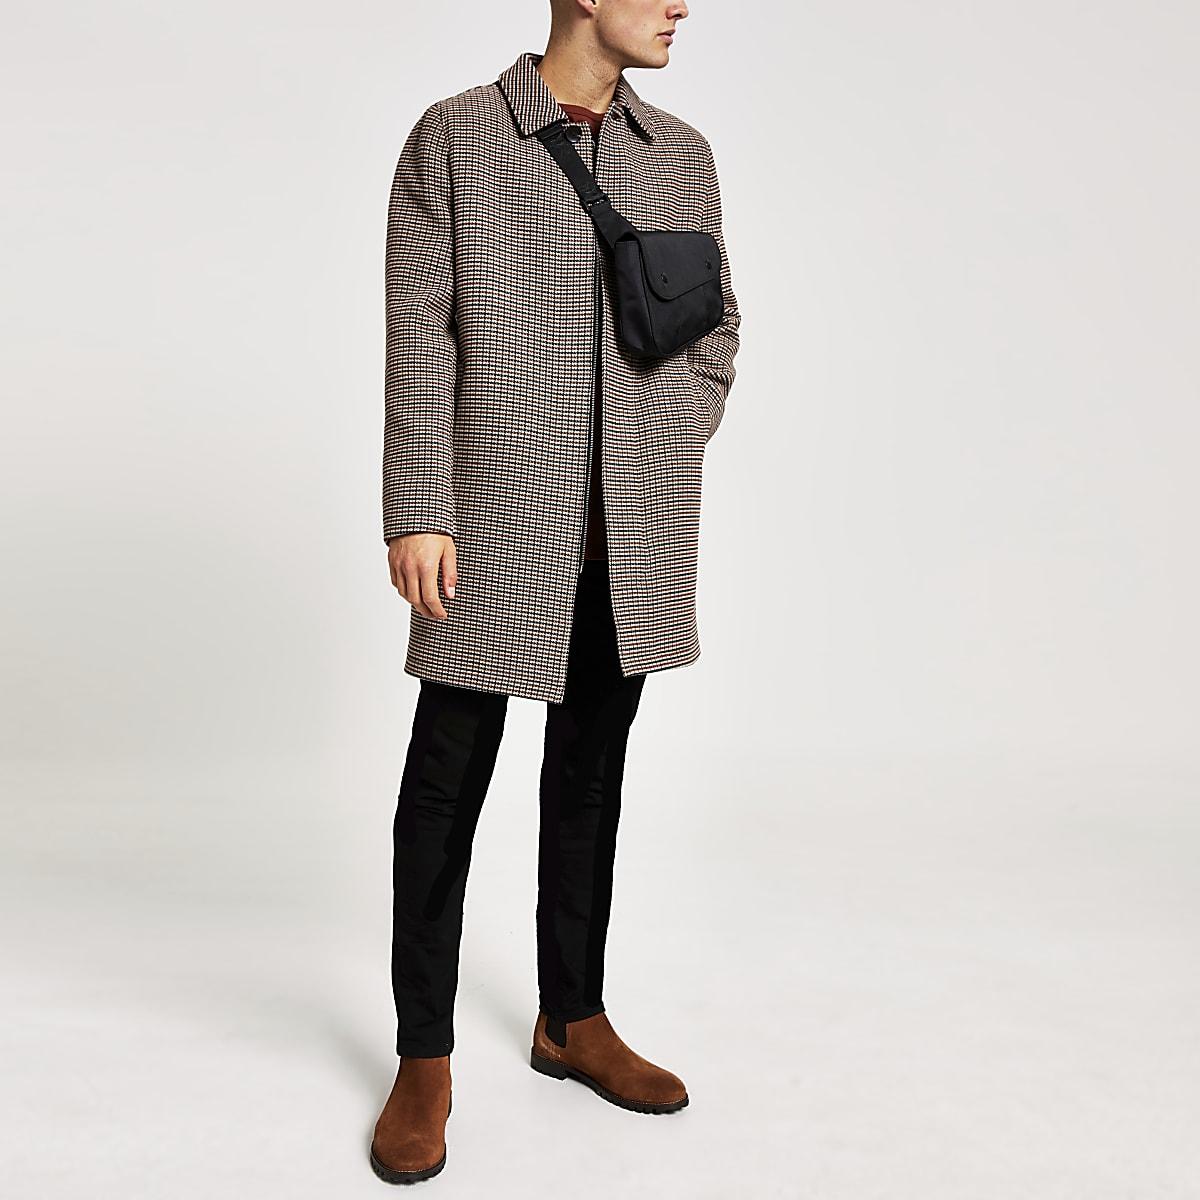 Manteau marronà carreaux avec un seul bouton